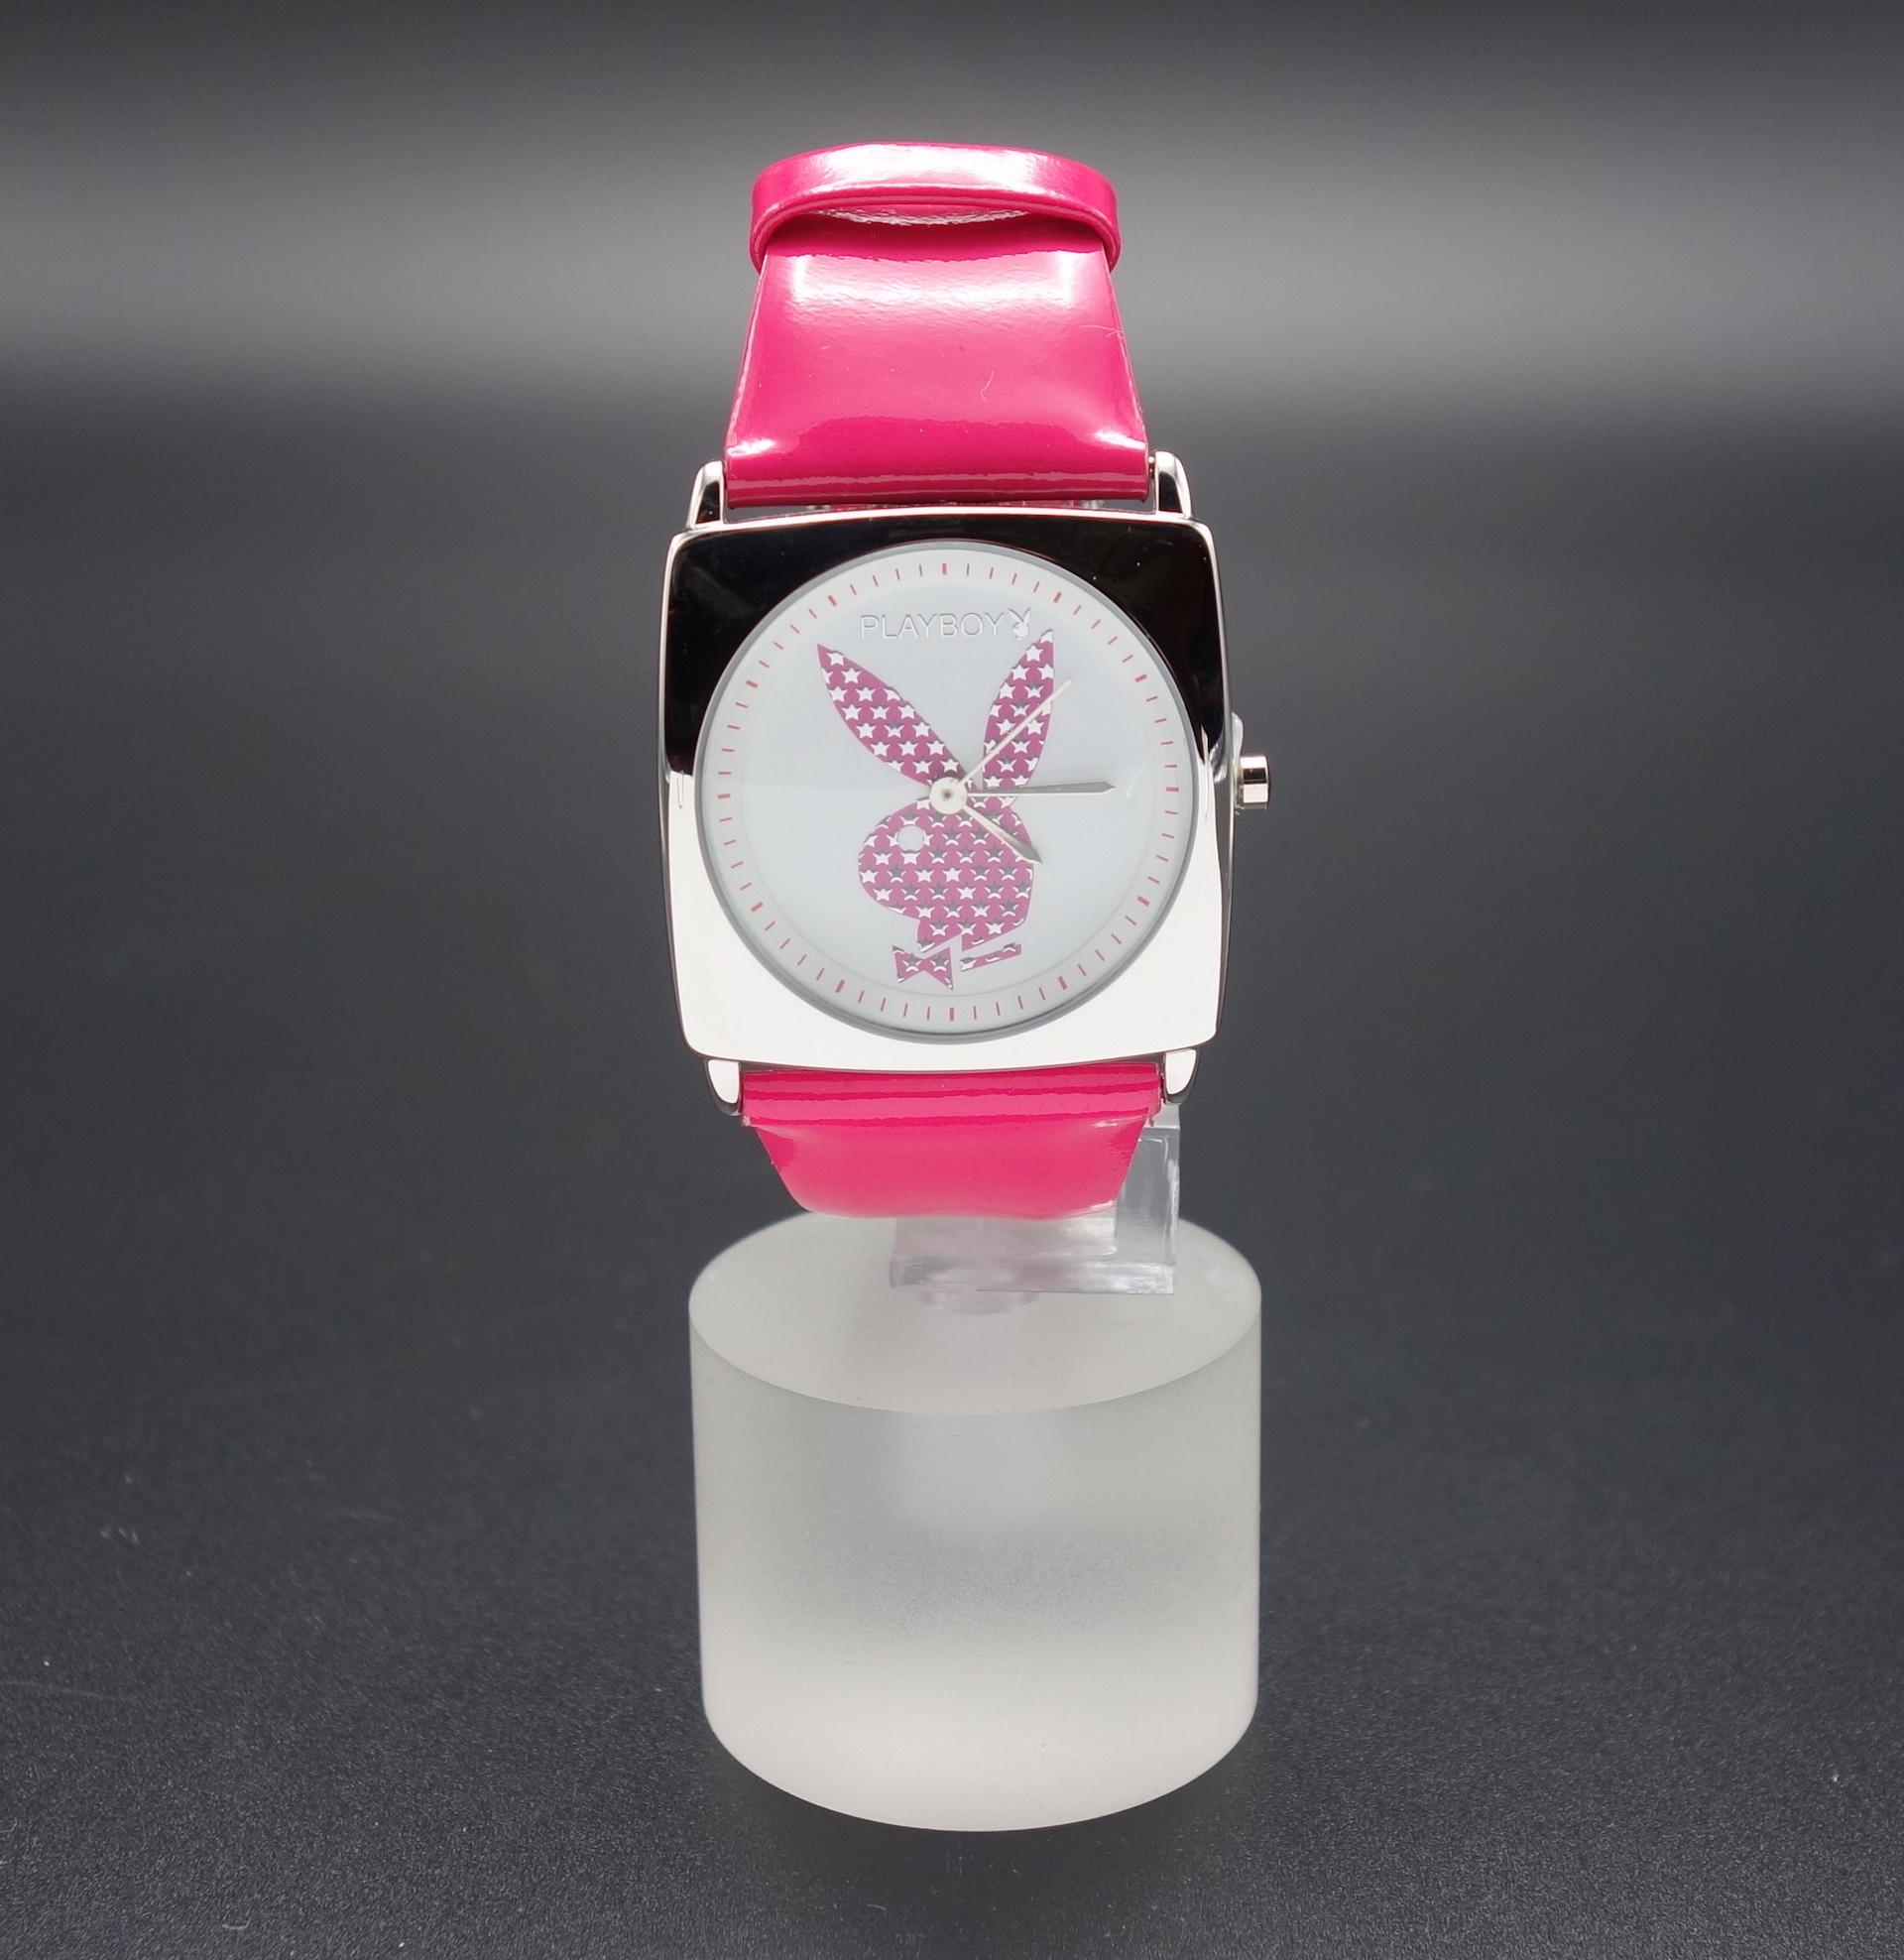 Playboy Damen Armbanduhr PBH0440WHPKB